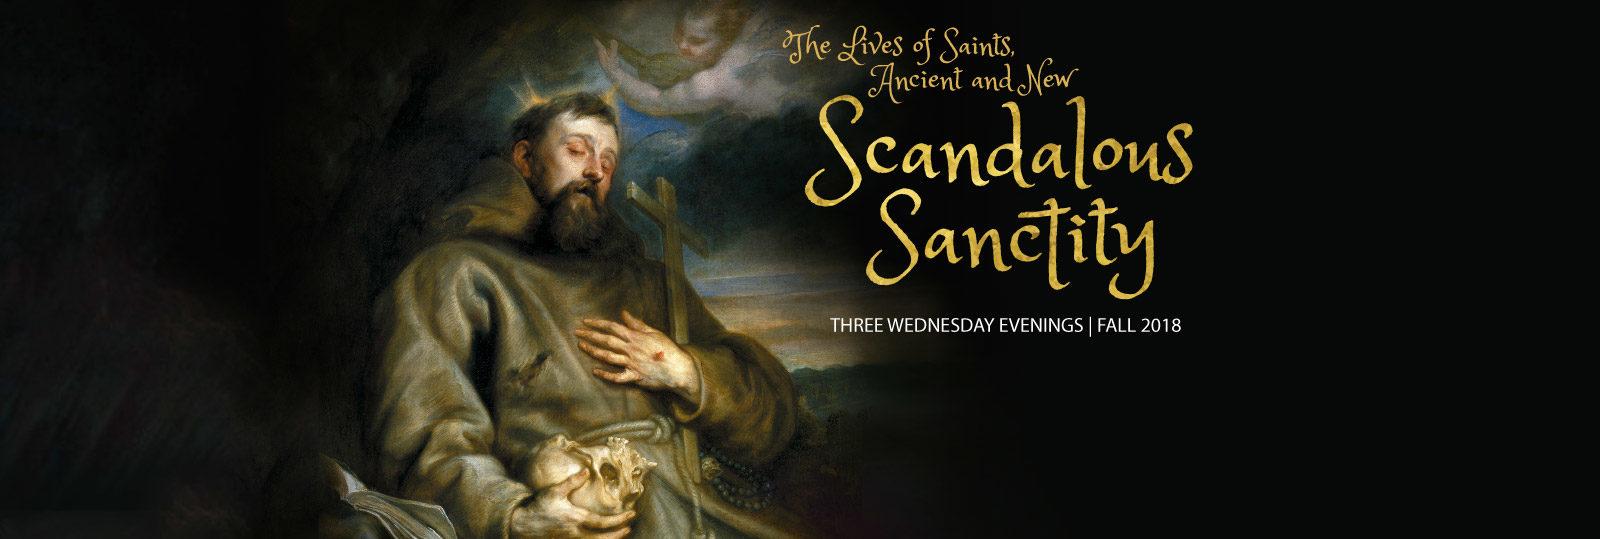 Scandalous Sanctity